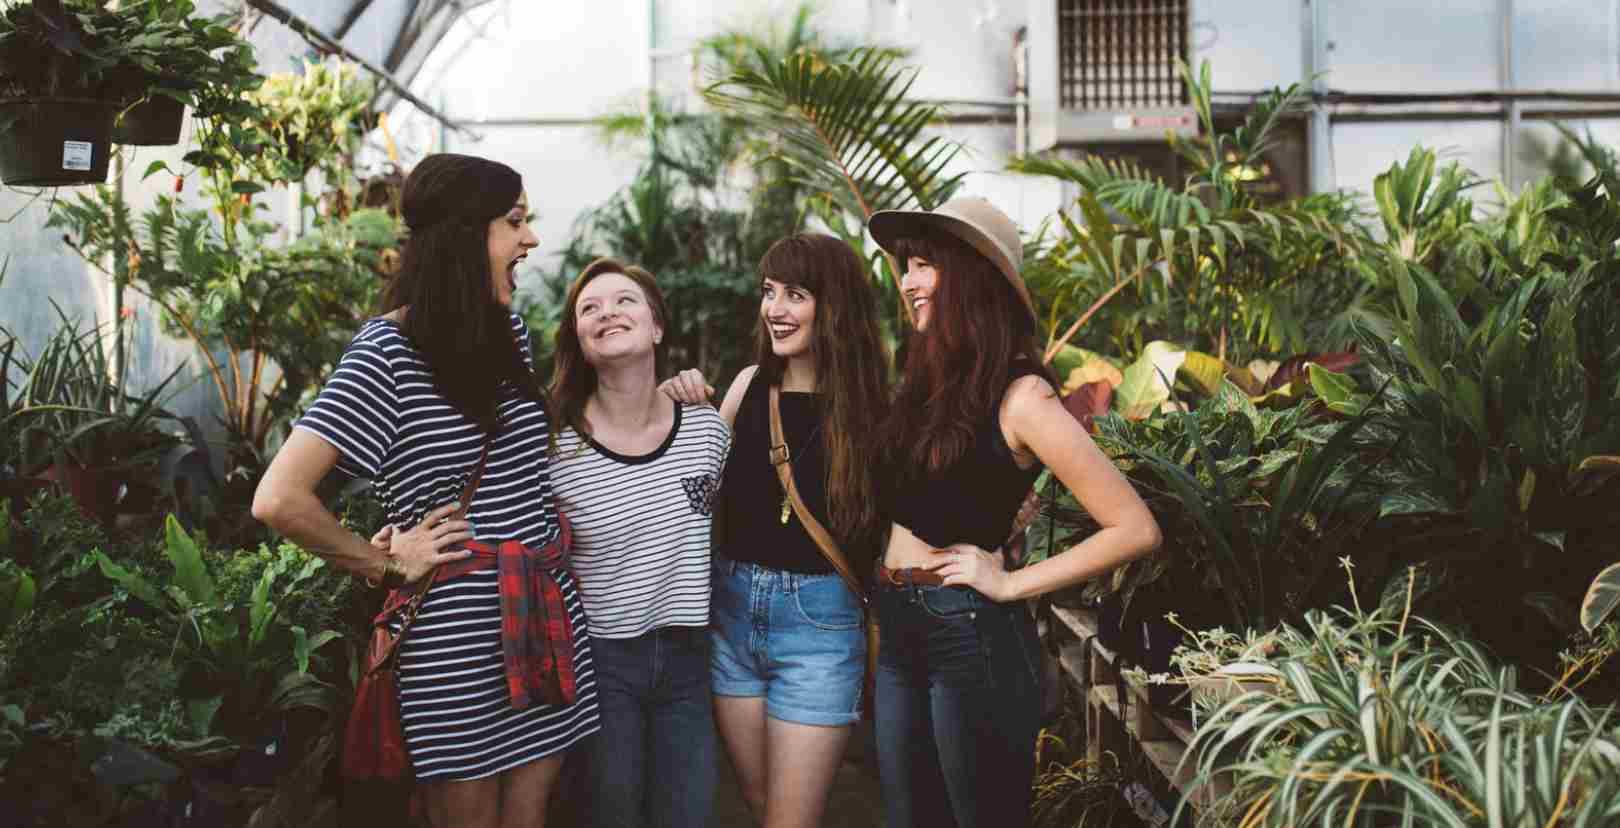 Jomblo Membuatmu Lebih Banyak Berkumpul Dengan Teman